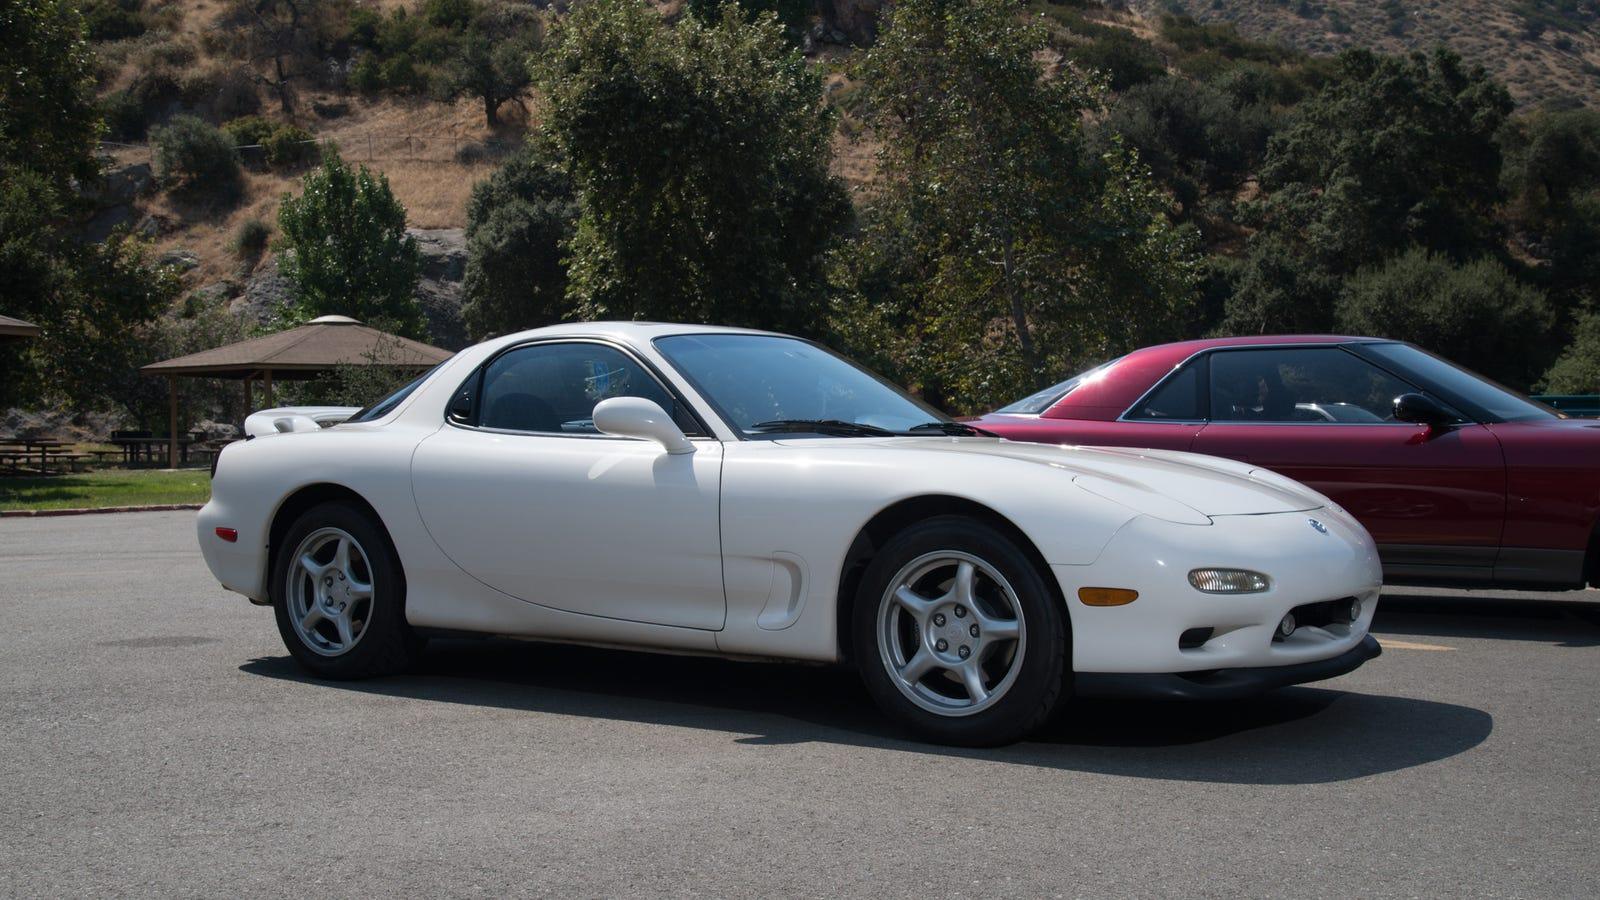 Merveilleux Whatu0027s Itu0027s Like To Drive Mazdau0027s Rotary Greatest Hits On Californiau0027s Best  Roads